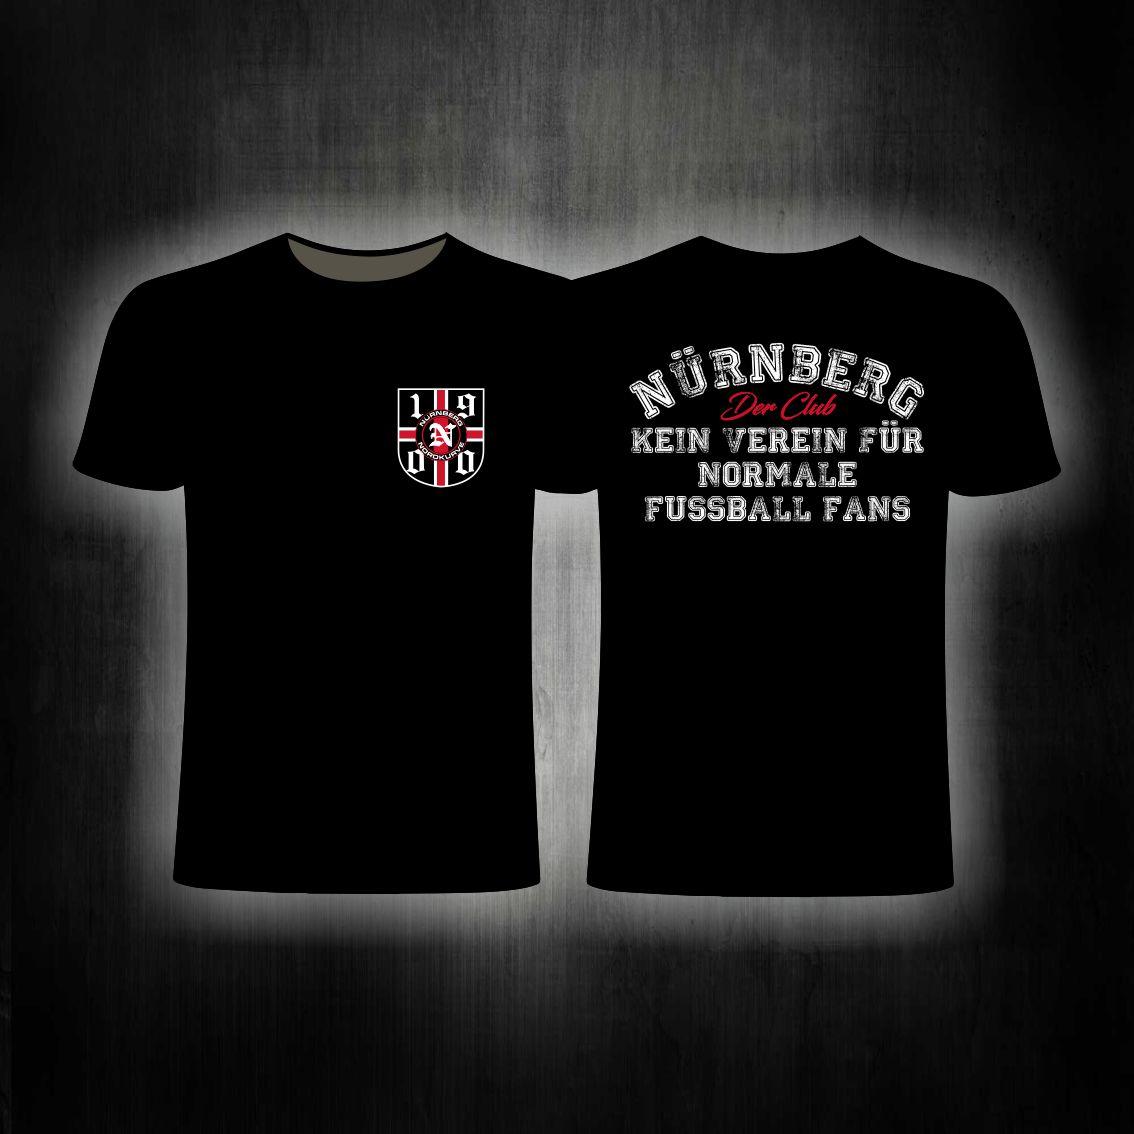 T-Shirt beidseitig bedruckt - Kein Verein für normale Fussballf